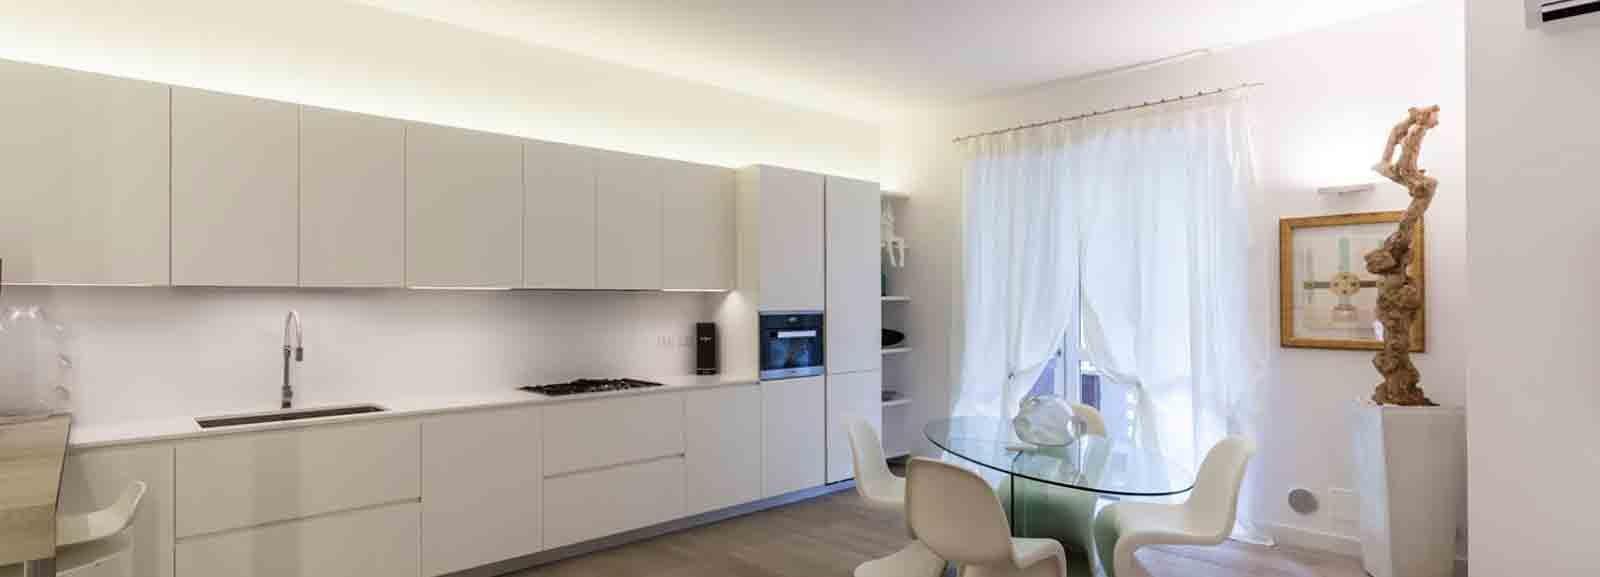 Luci soggiorno cucina idee per il design della casa - Luci soggiorno moderno ...